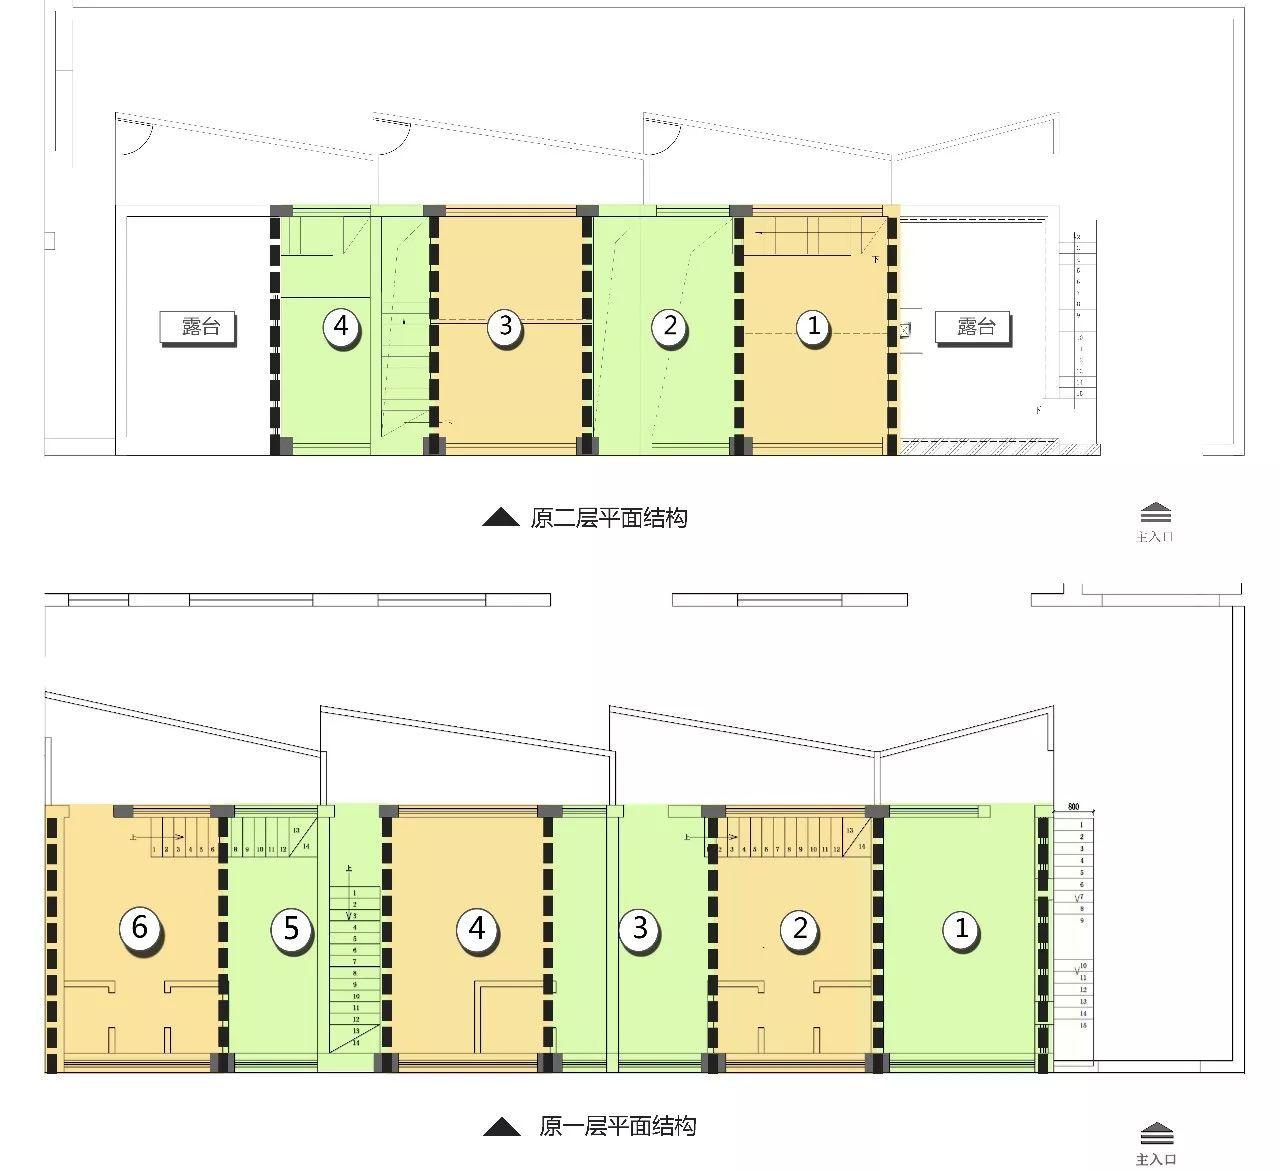 苏宁仓库分布平面图